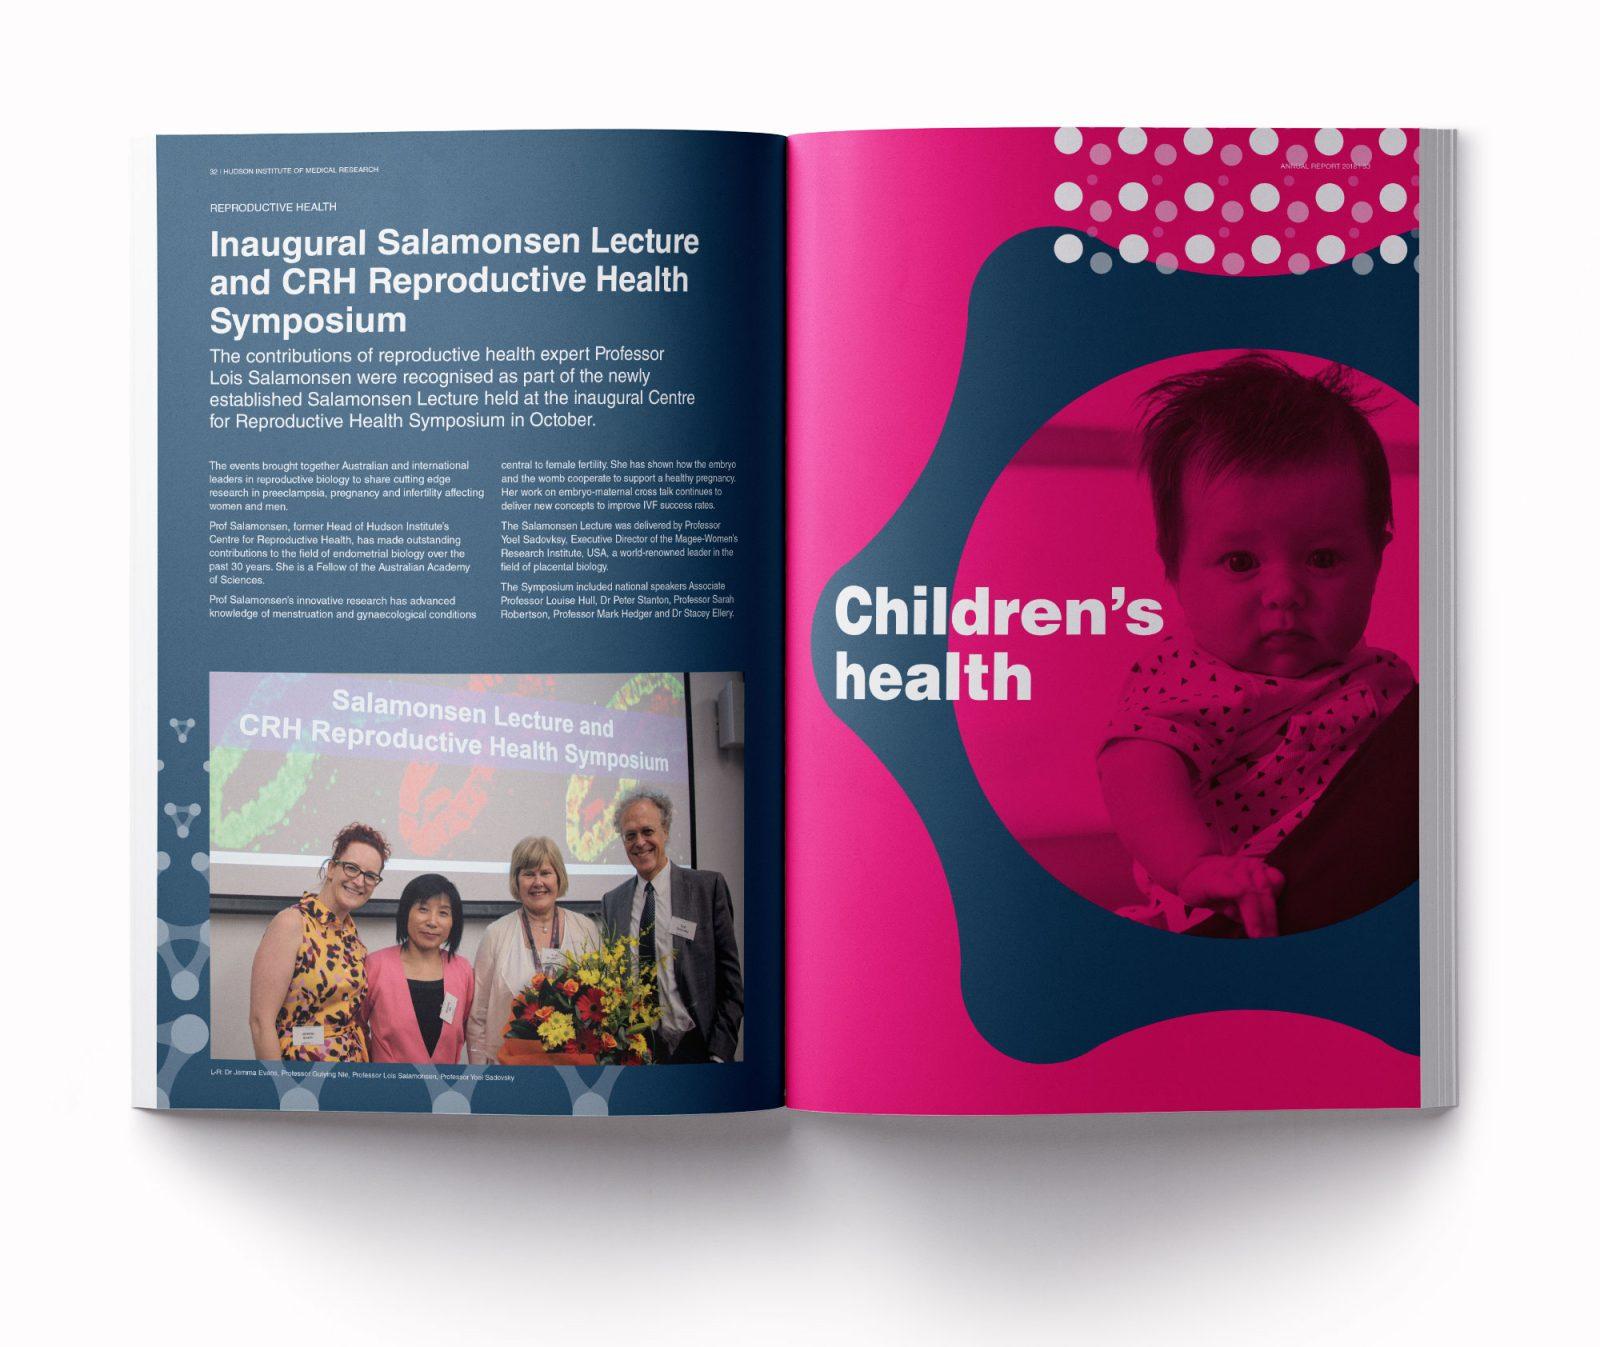 Hudson annual report 2018 Children's health cover spread